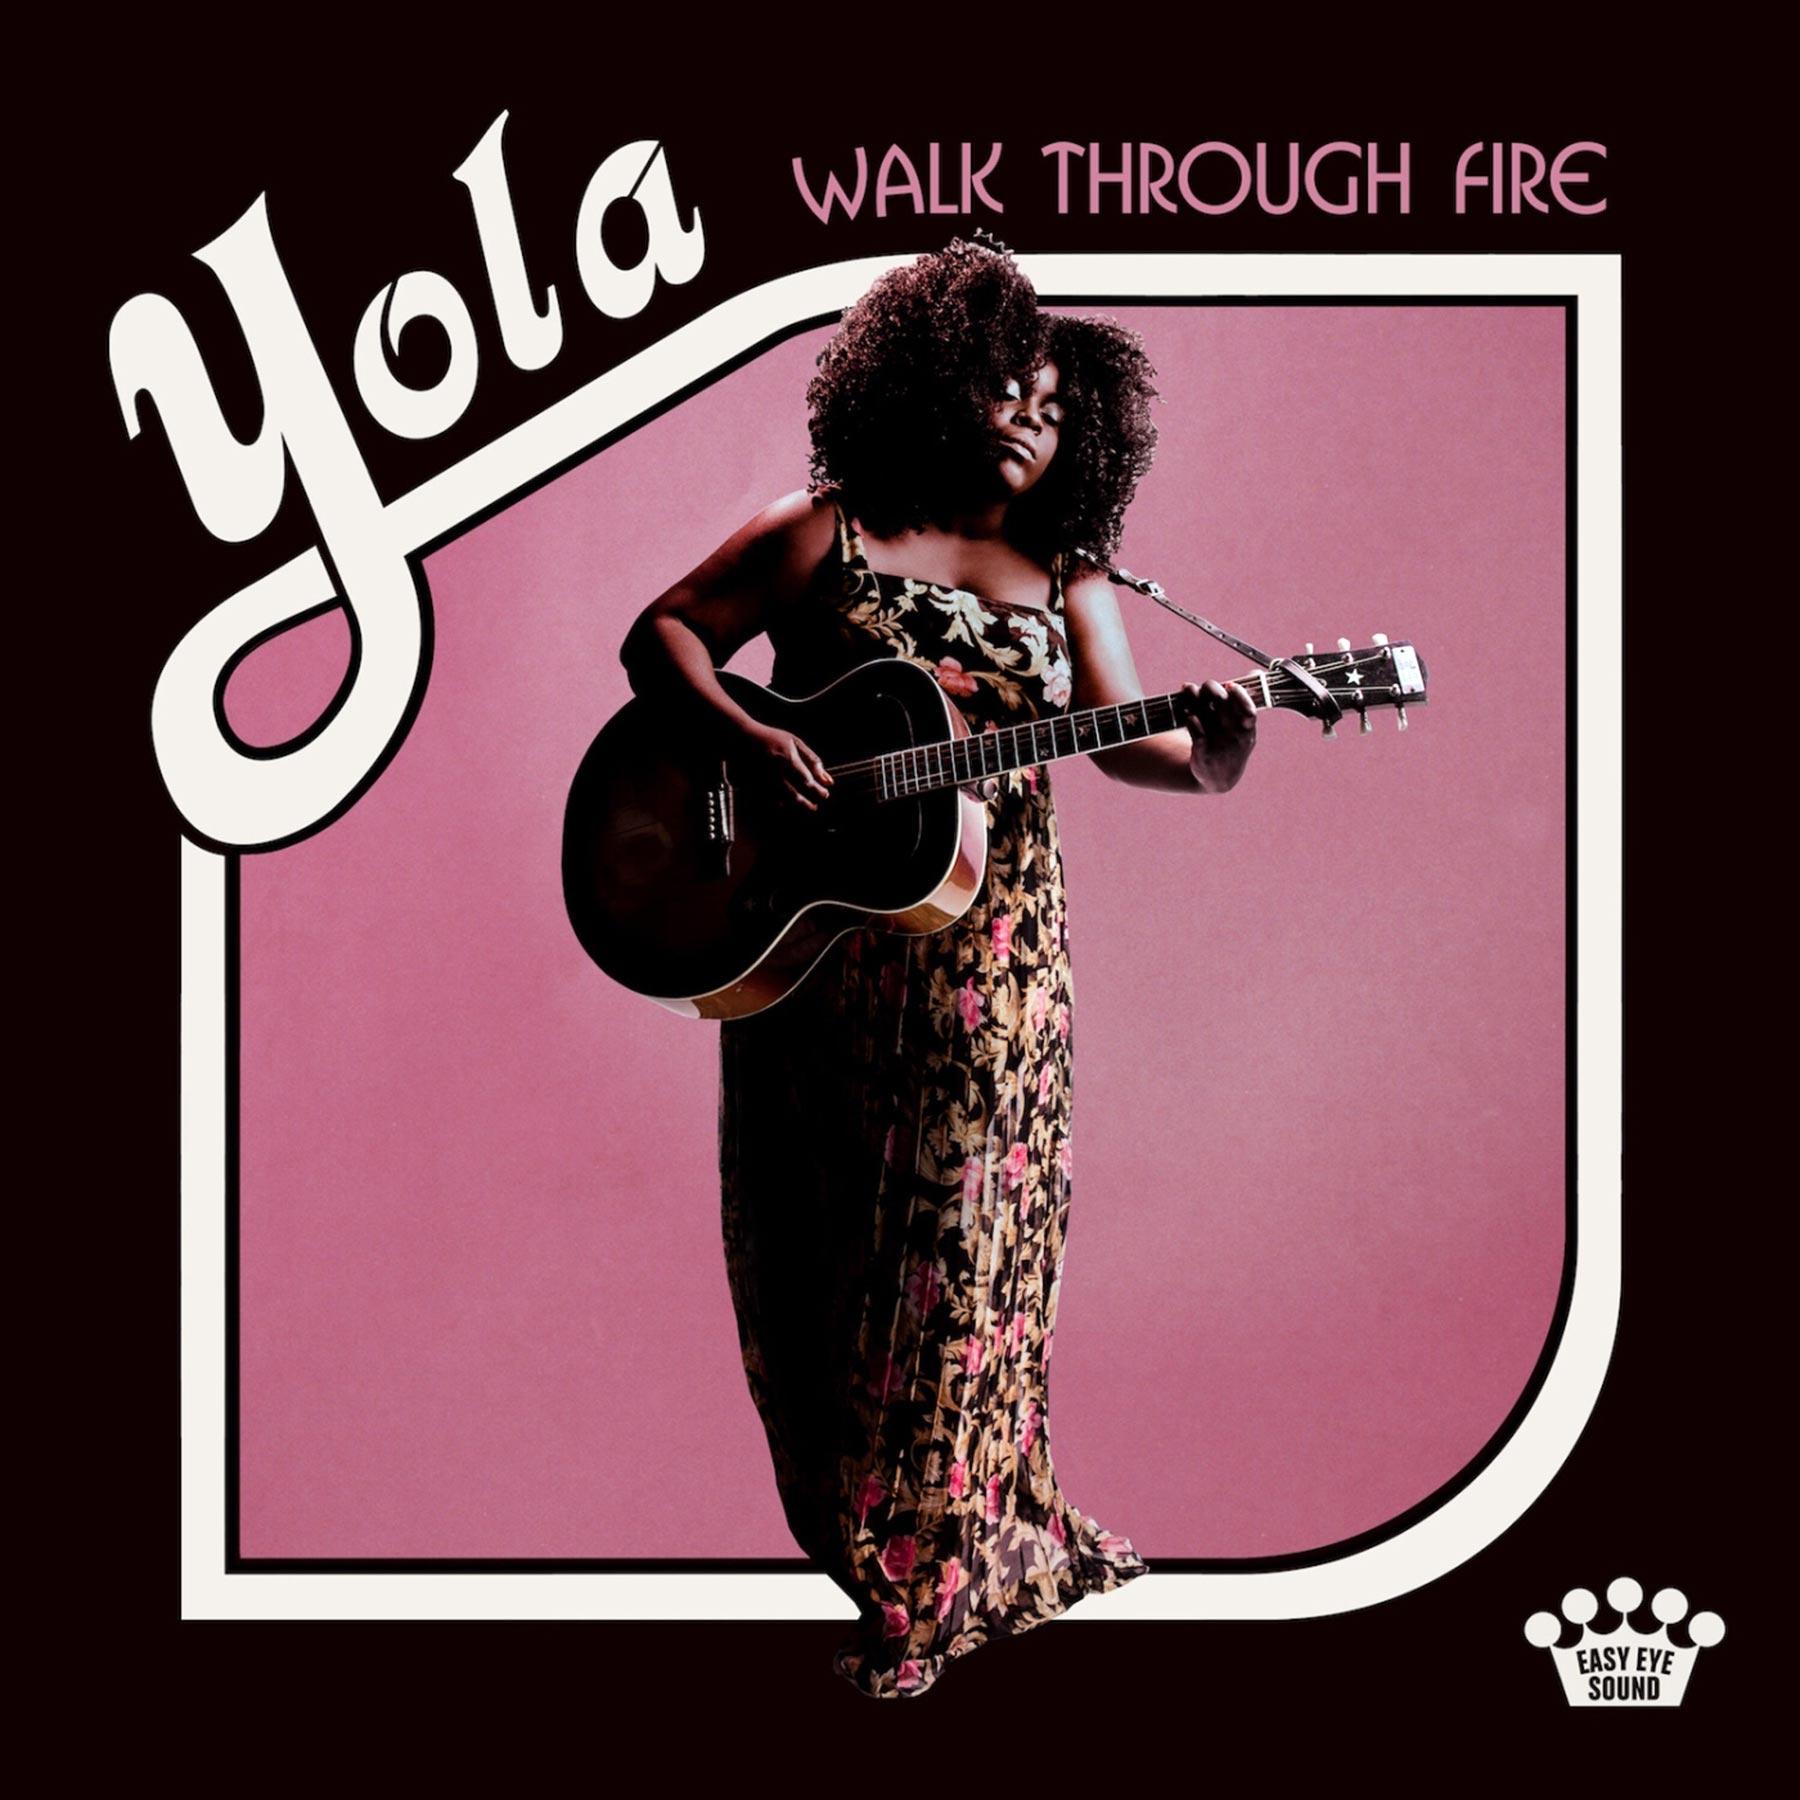 Walk Through Fire by Yola